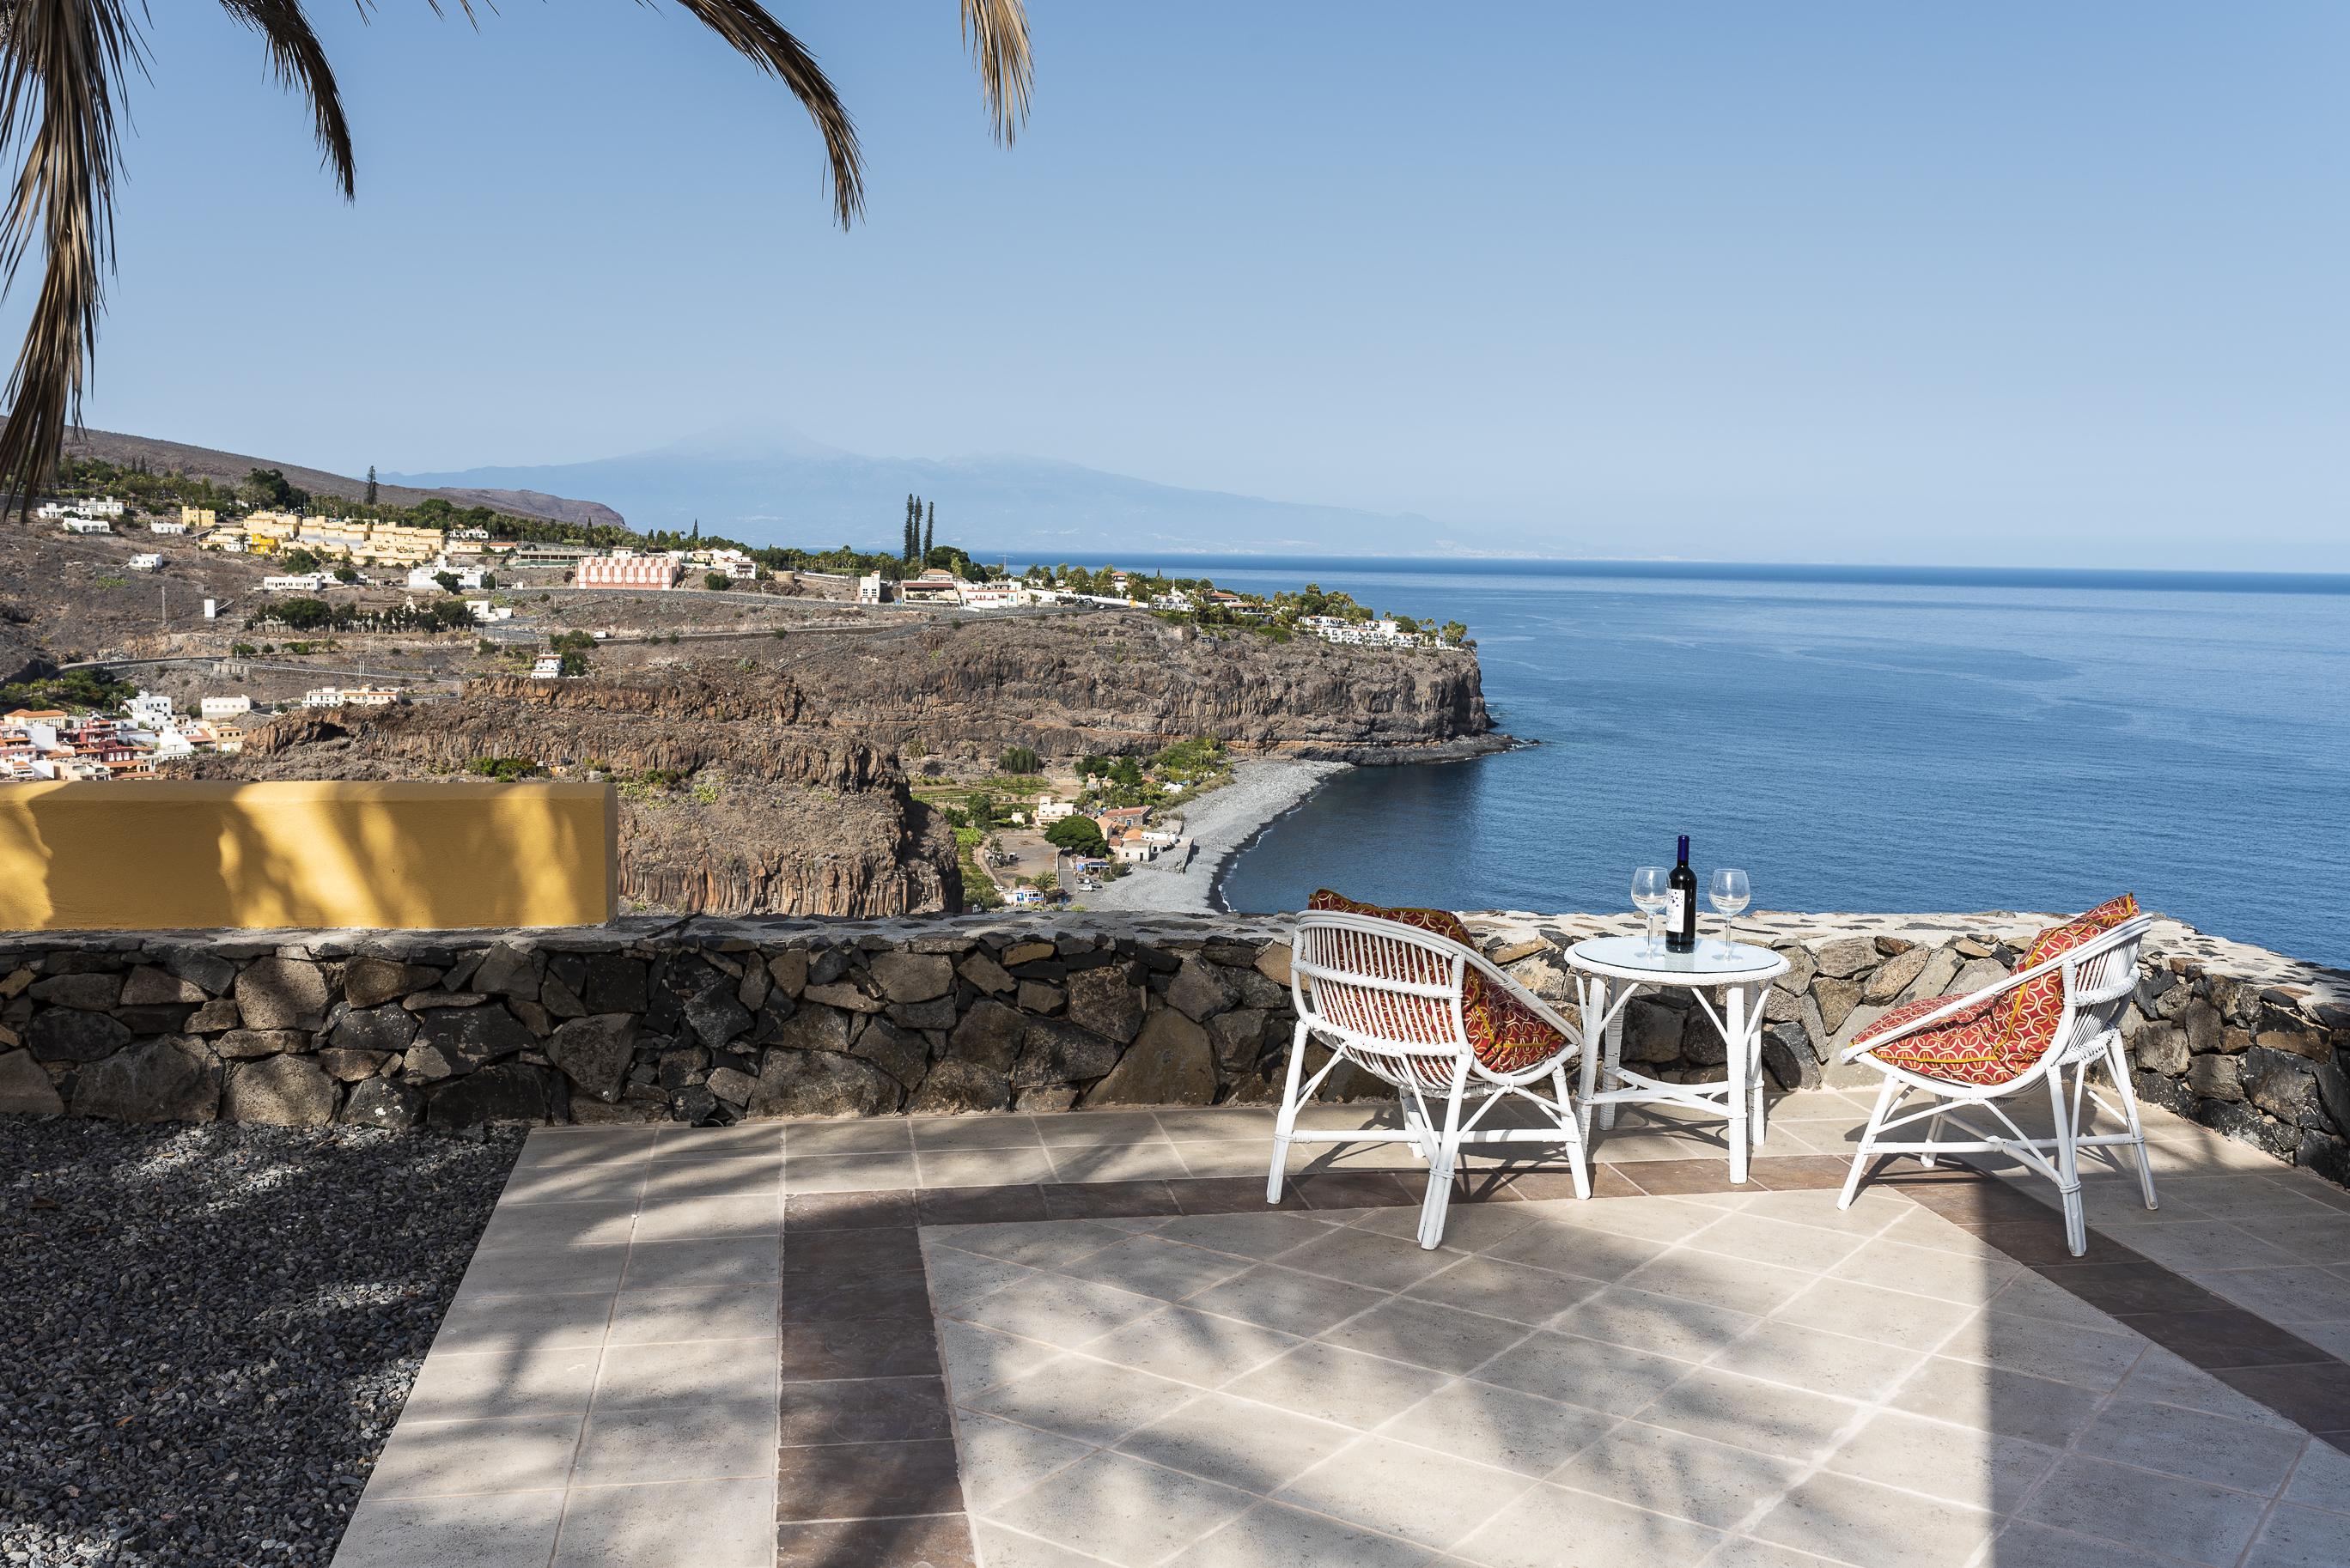 Ferienhaus  (2681968), Playa de Santiago, La Gomera, Kanarische Inseln, Spanien, Bild 41